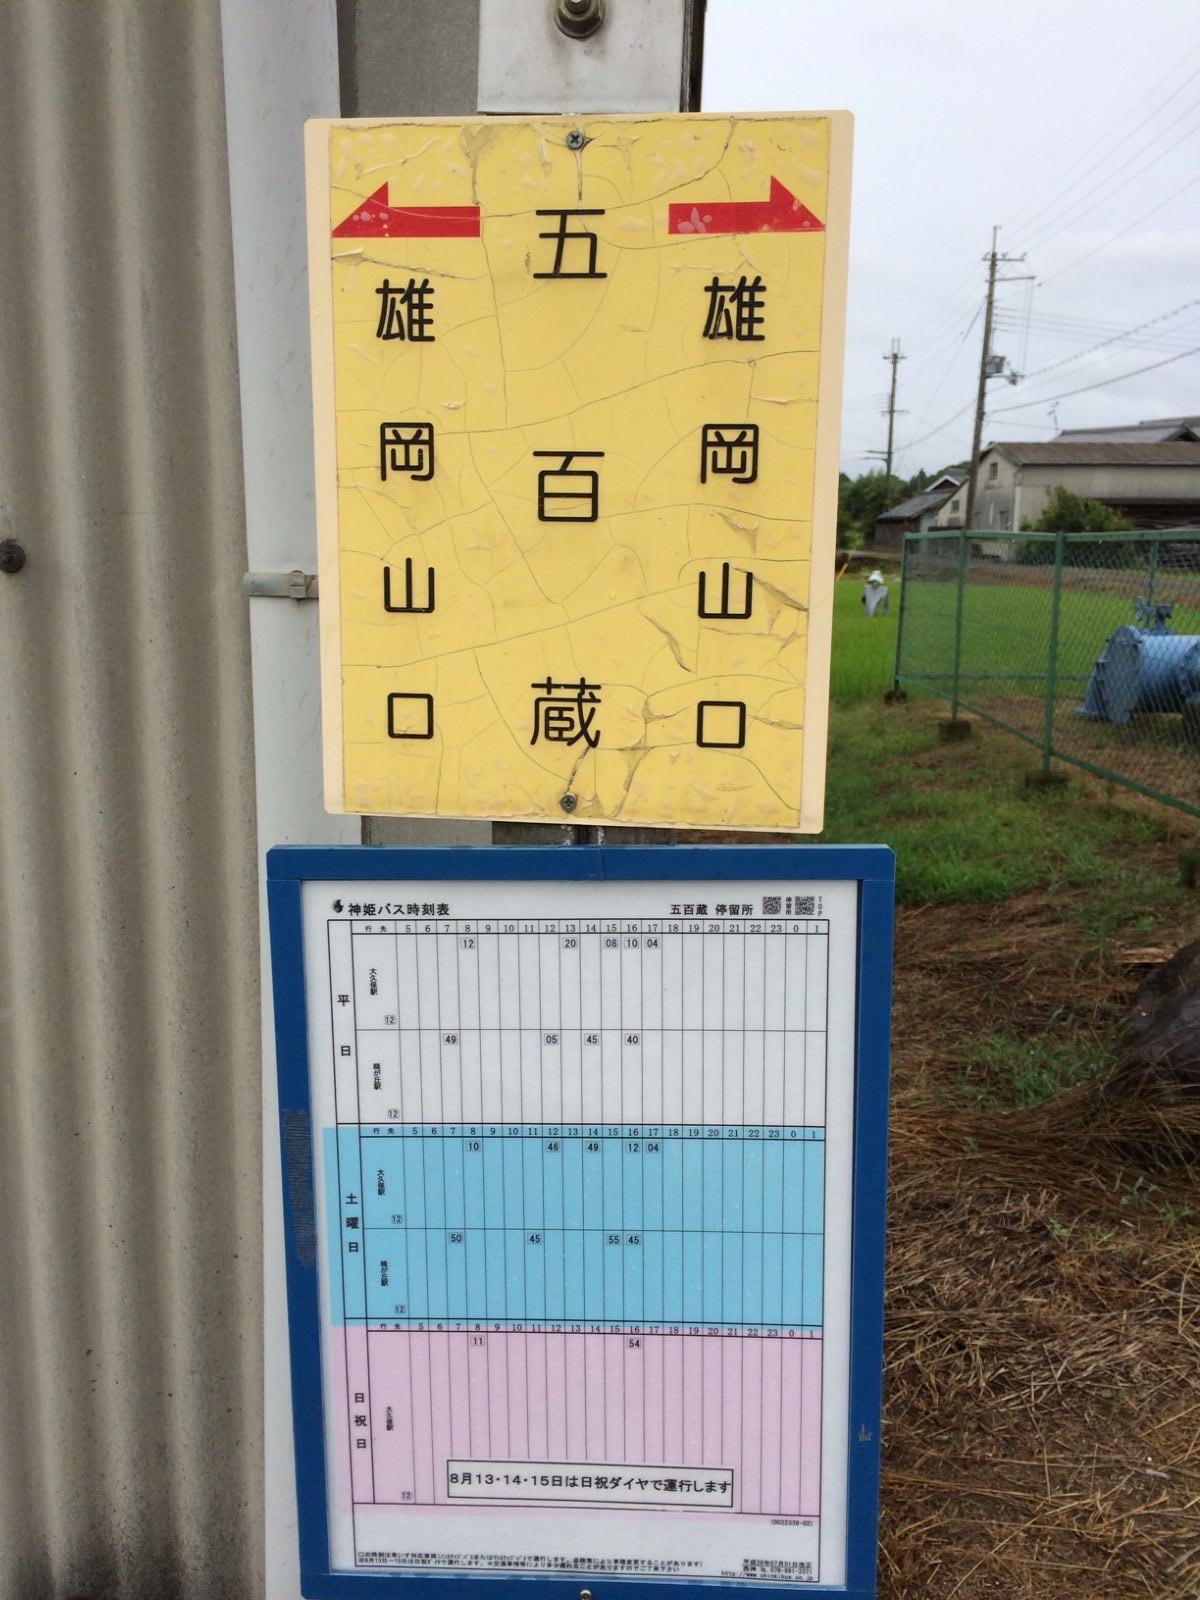 加古川市にお住まいのNさんからのリクエストのバス停はなんと読む?_c0001670_18121520.jpg